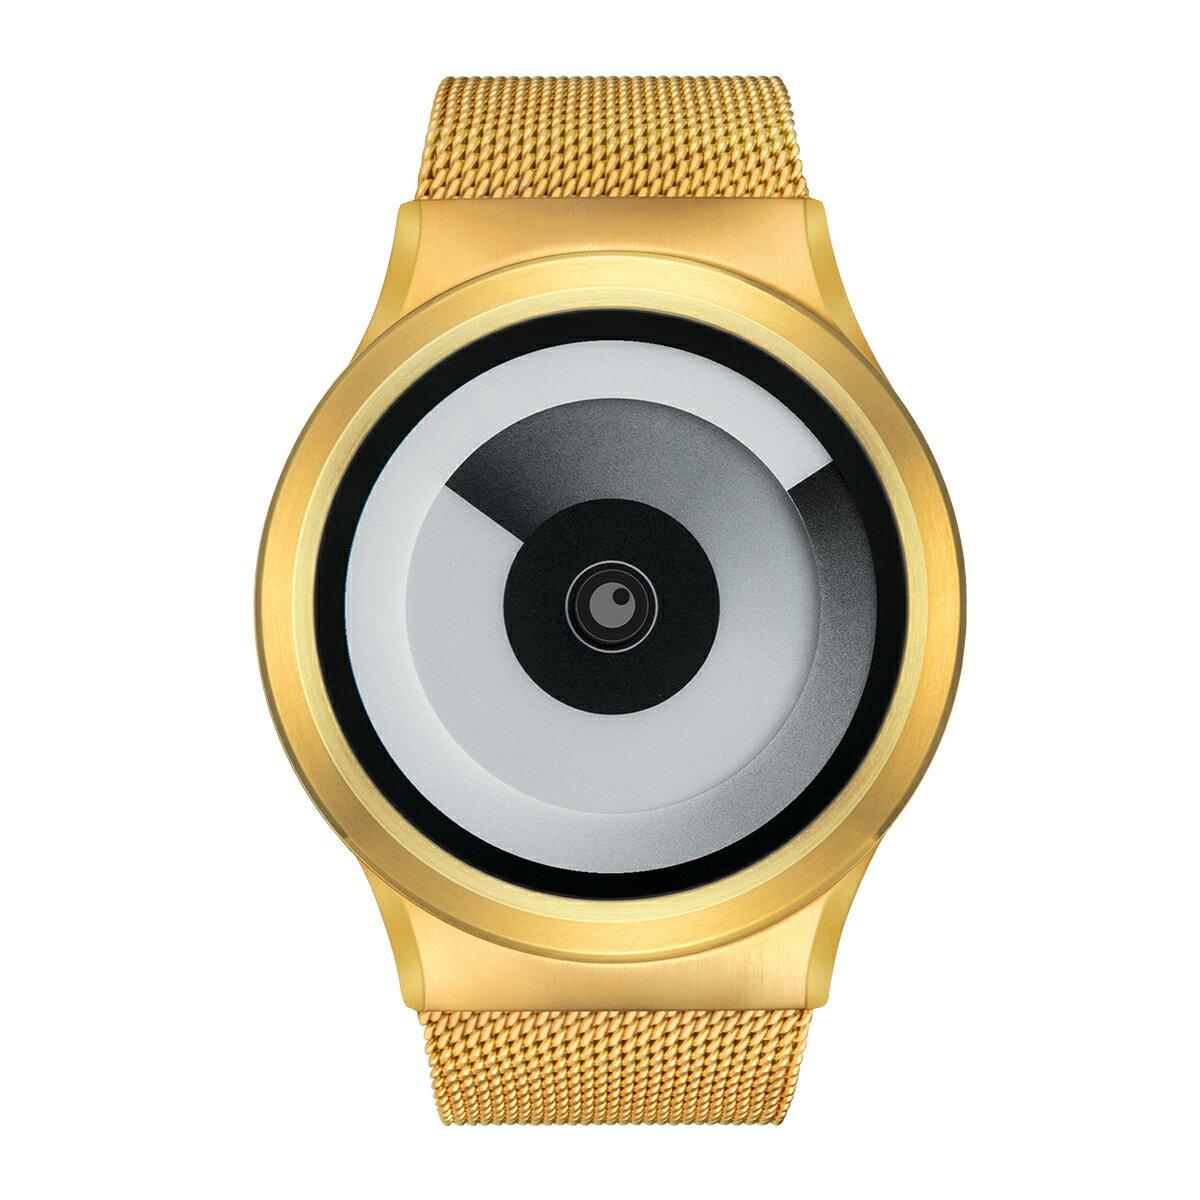 ZEROO SPIRAL GALAXY ゼロ 電池式クォーツ 腕時計 [W06016B04SM04] ホワイト デザインウォッチ ペア用 メンズ レディース ユニセックス おしゃれ時計 デザイナーズ